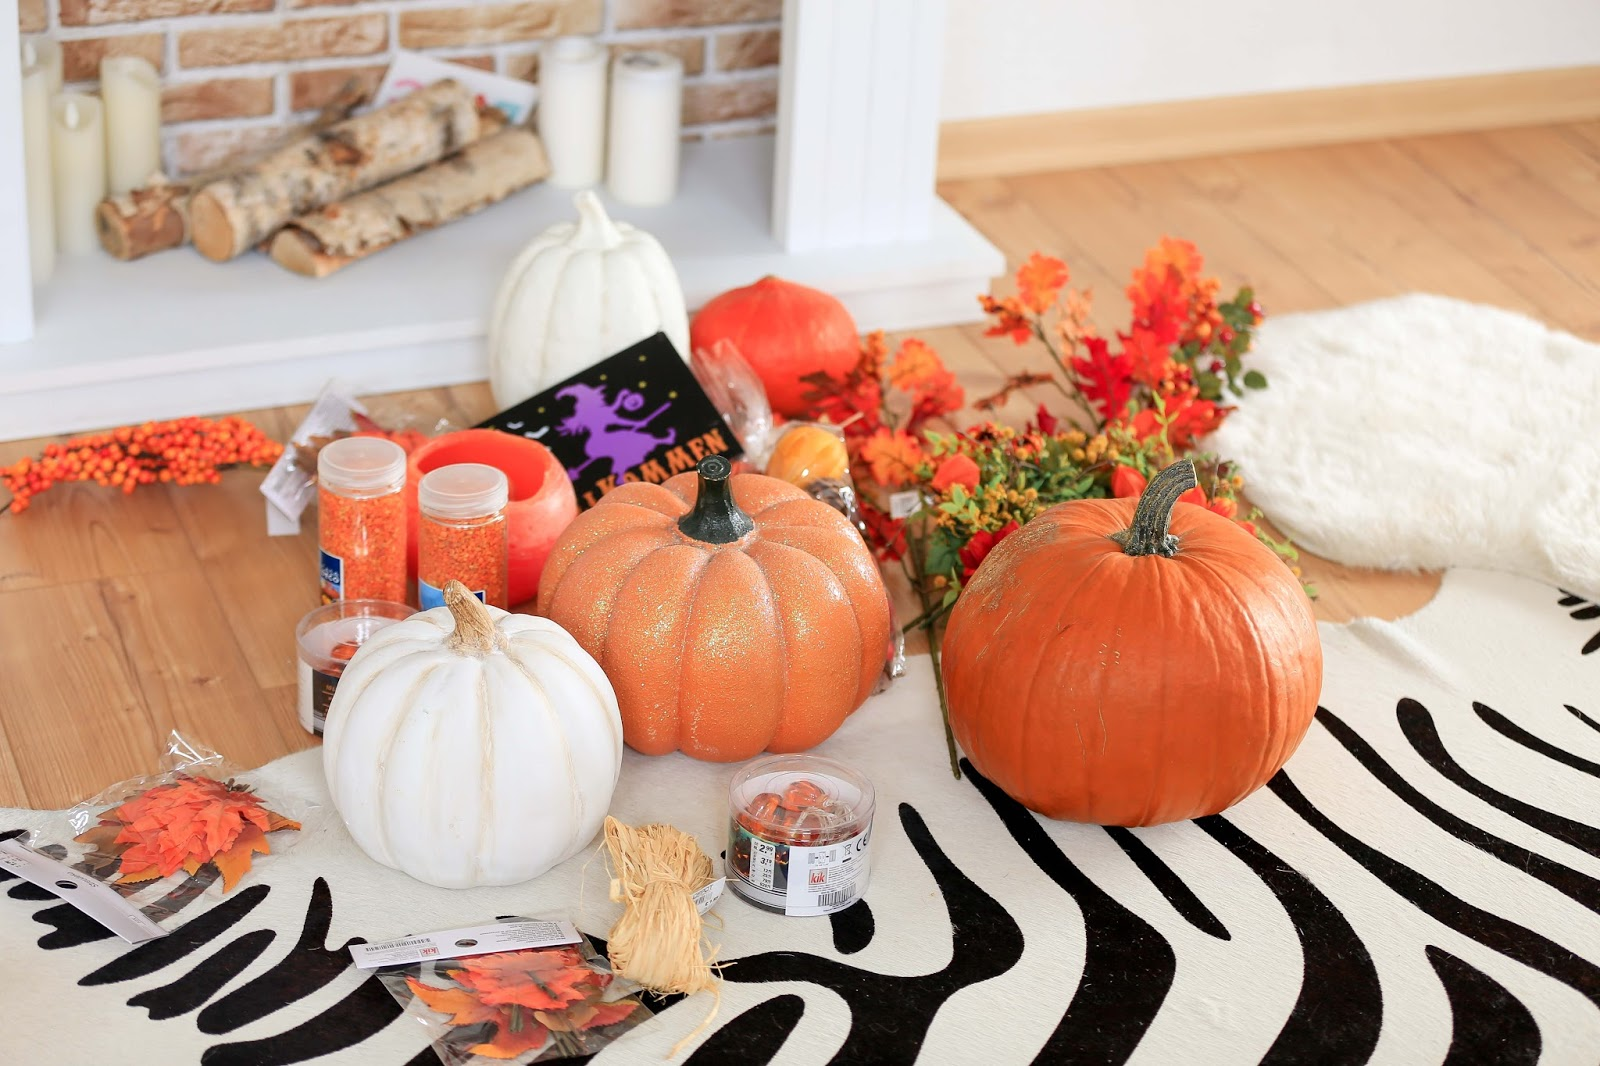 Herbstdeko-wie-dekoriere-ich-im-herbst-Herbstoutfit-Kürbisse-halloweenstyle-halloween-Was-ziehe-ich-zu-halloween-an-halloween-party-idee-dekoration